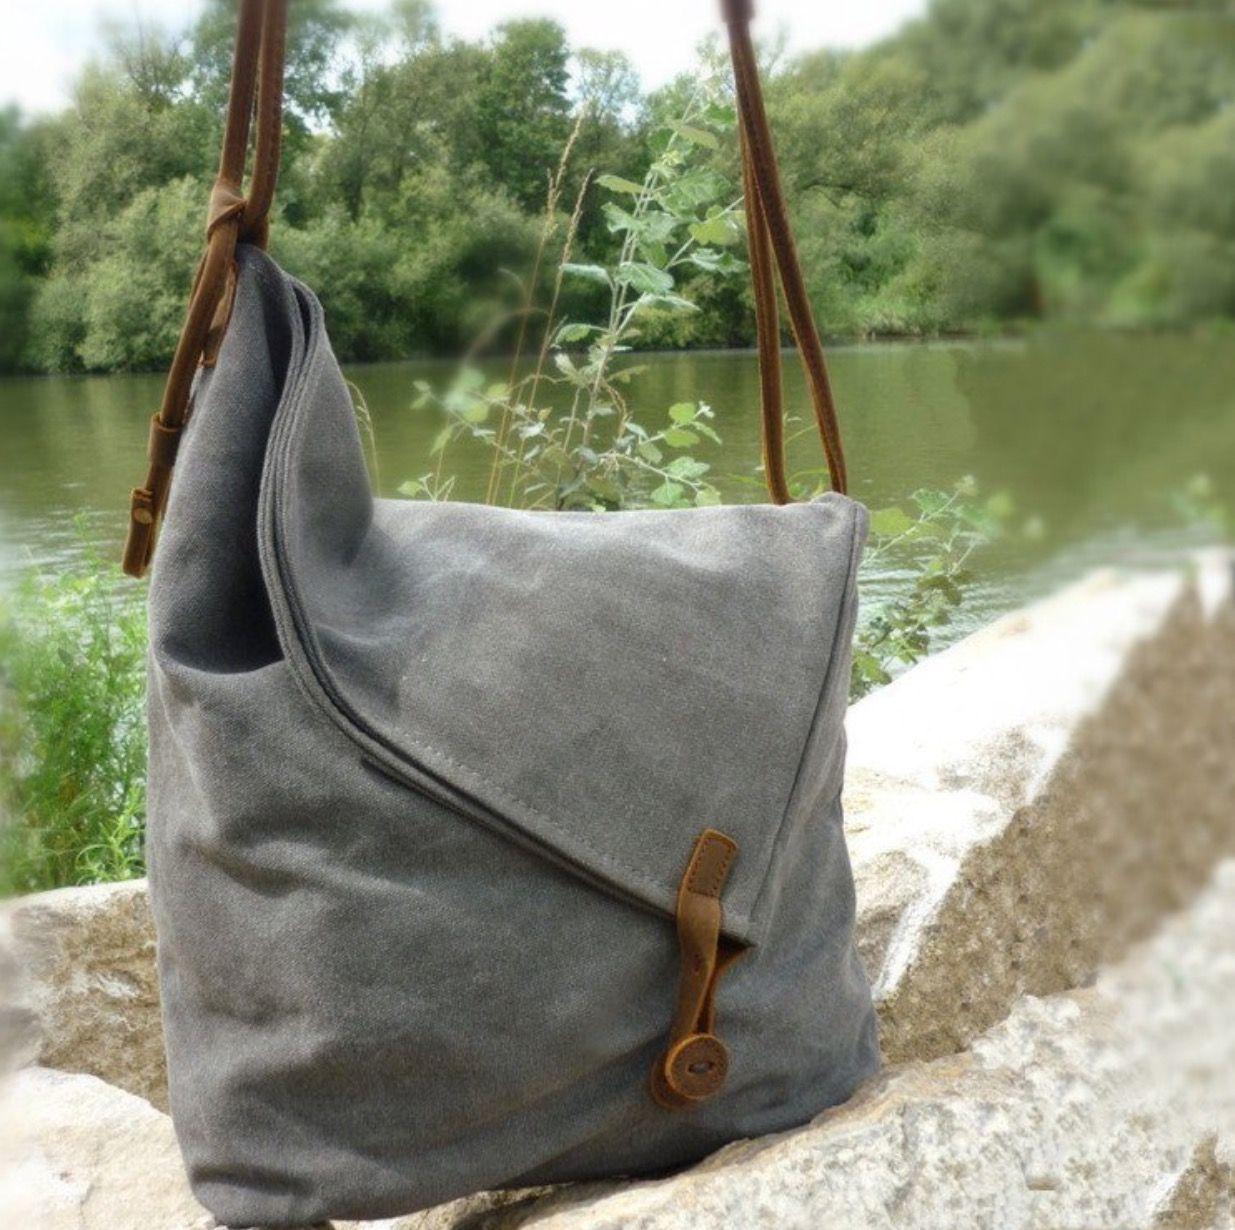 Fedt design på taske – måske fair-isle ... eller skind. Simpelt at bruge til upcycling.